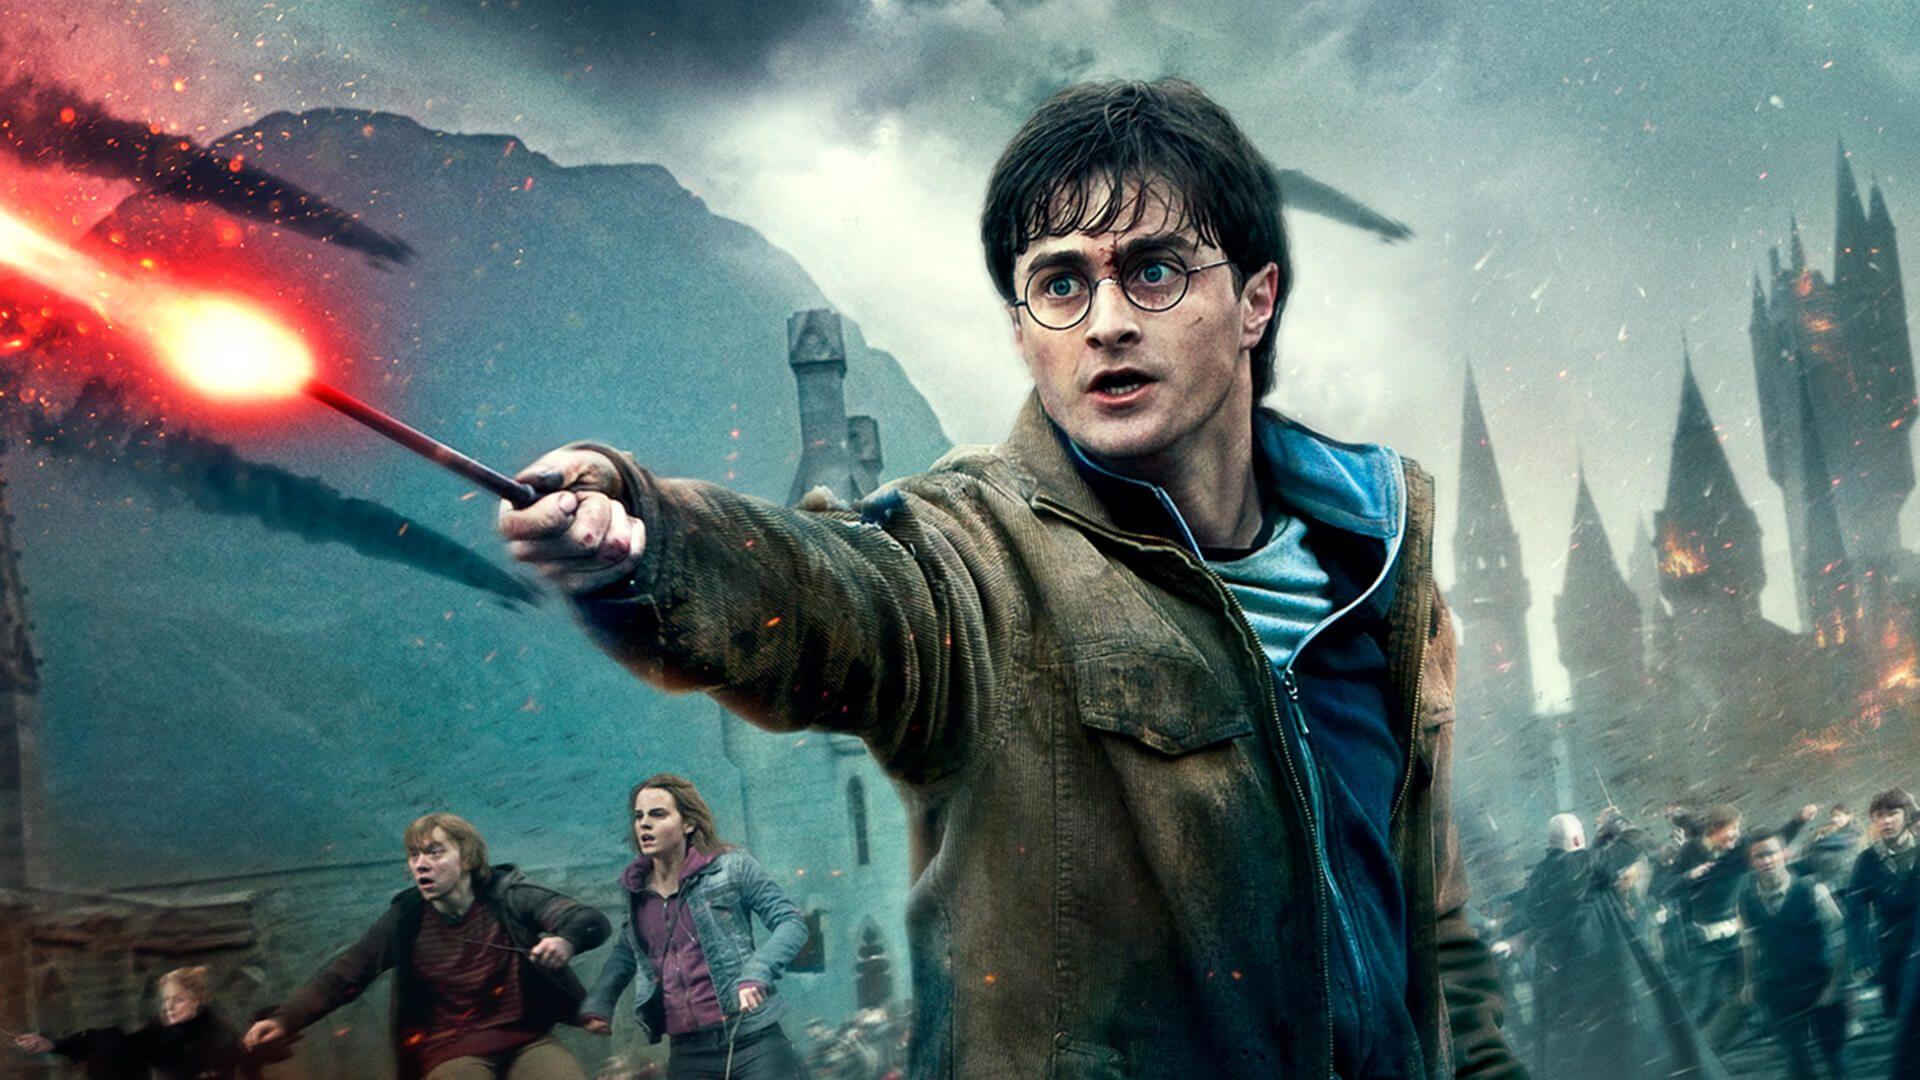 اطلاعات بسیاری از سیستم مبارزات، شخصی سازی و جهان Harry Potter RPG فاش شد